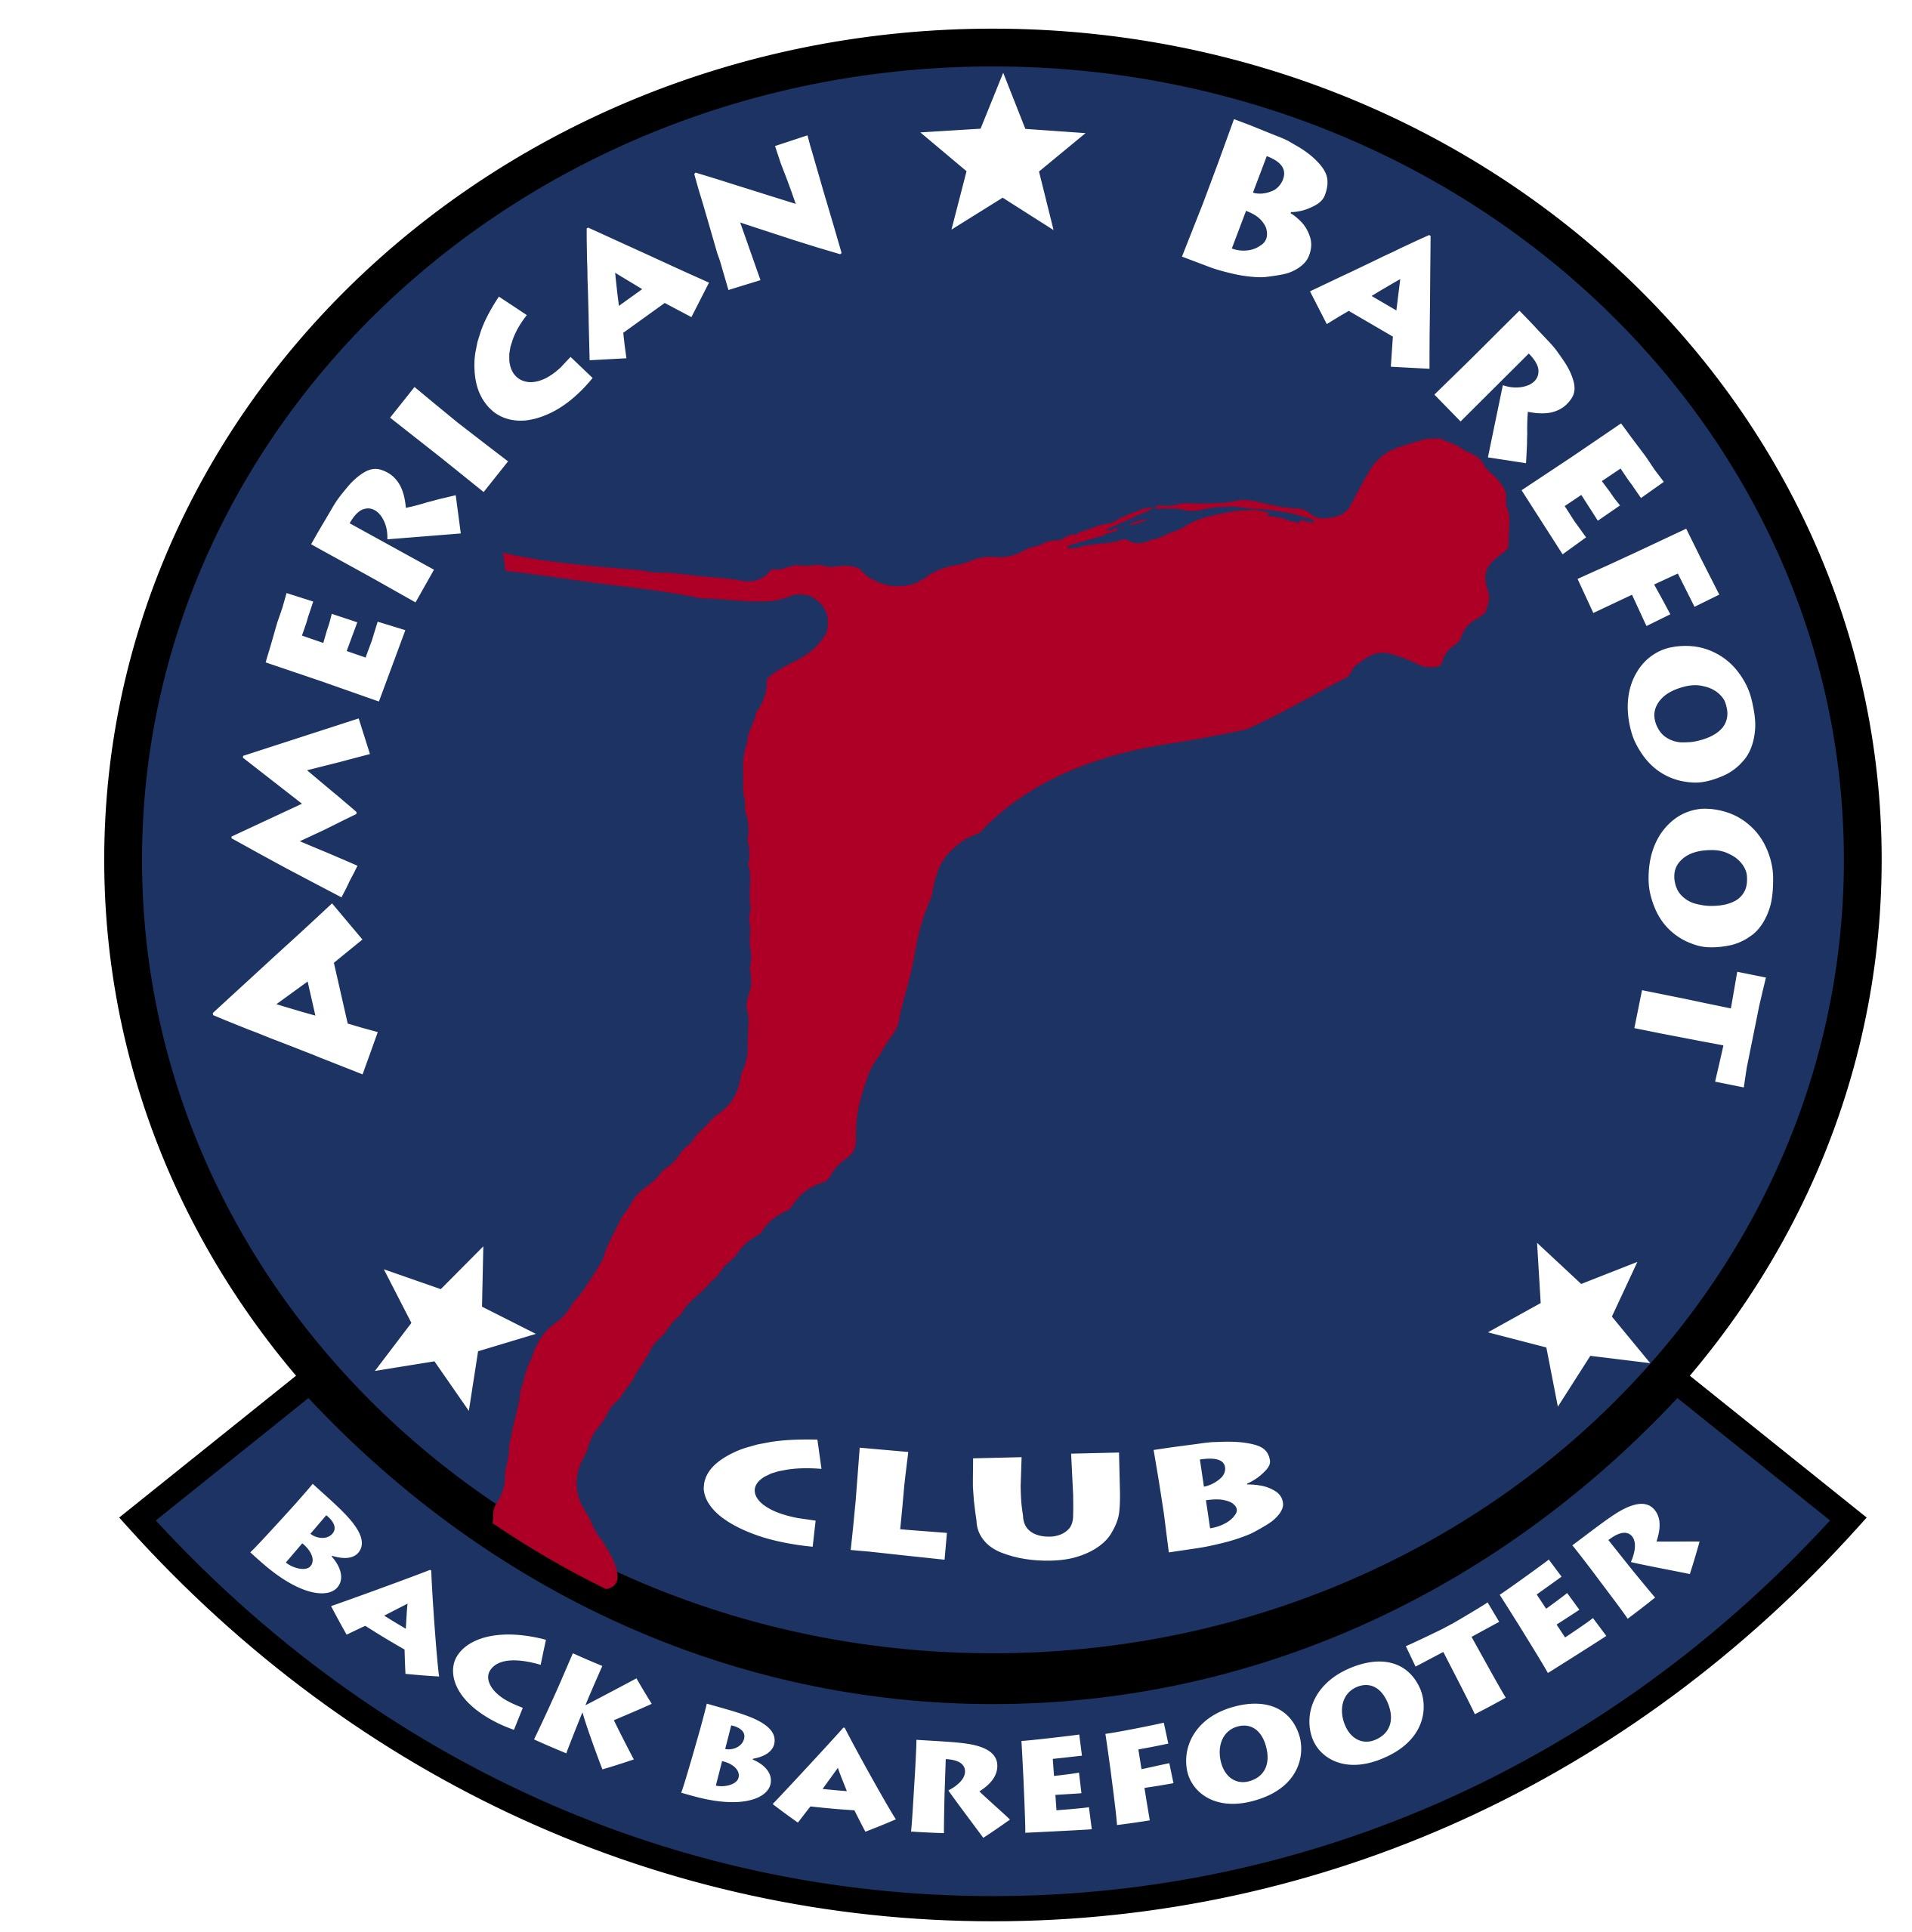 ABC Back Barefoot